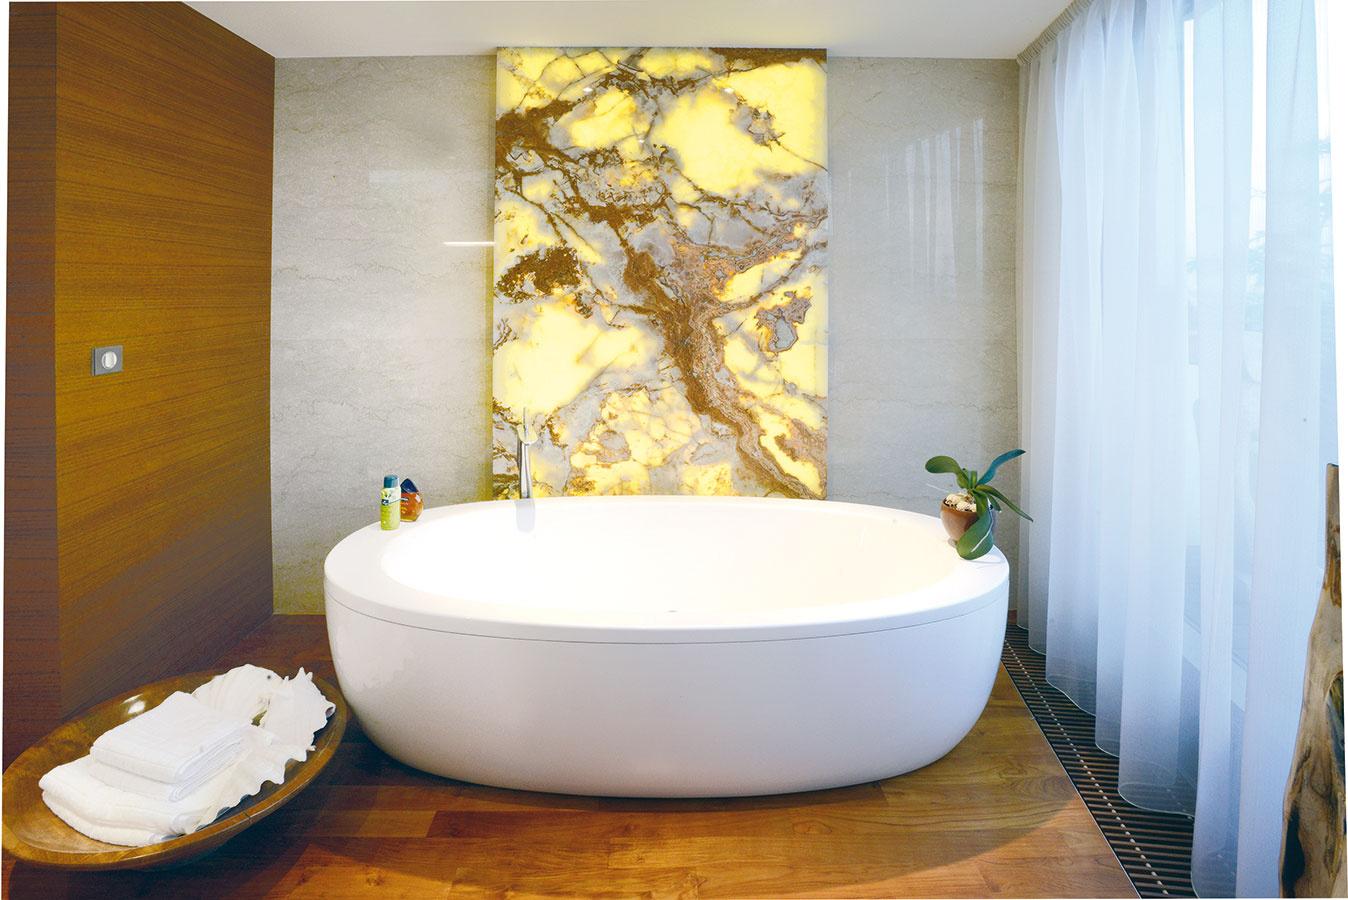 Drevo akameň. Na stenách sa drevo strieda skamenným obkladom. Efektné akcenty vytvárajú podsvietené platne ónyxu, ktoré boli želaním domácej panej. Architekti si dali na výbere jednotlivých tabúľ záležať – na väčších plochách kresba žíl nadväzuje tak, aby vznikol efekt jediného kusa kameňa.